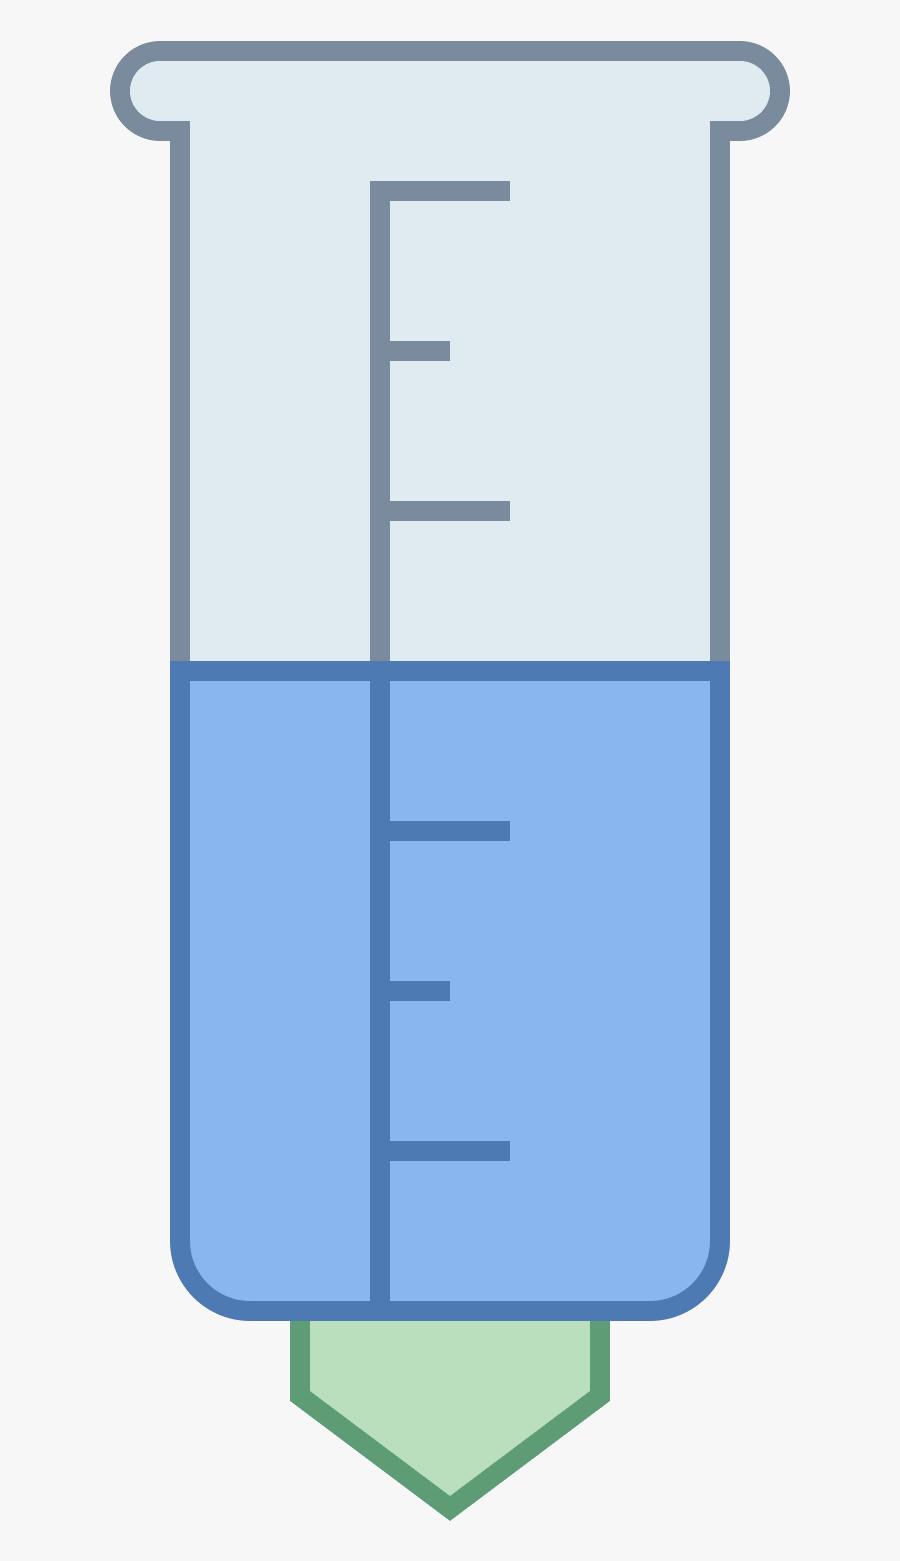 Png Rain Gauge - Rain Gauge Clipart Png, Transparent Clipart